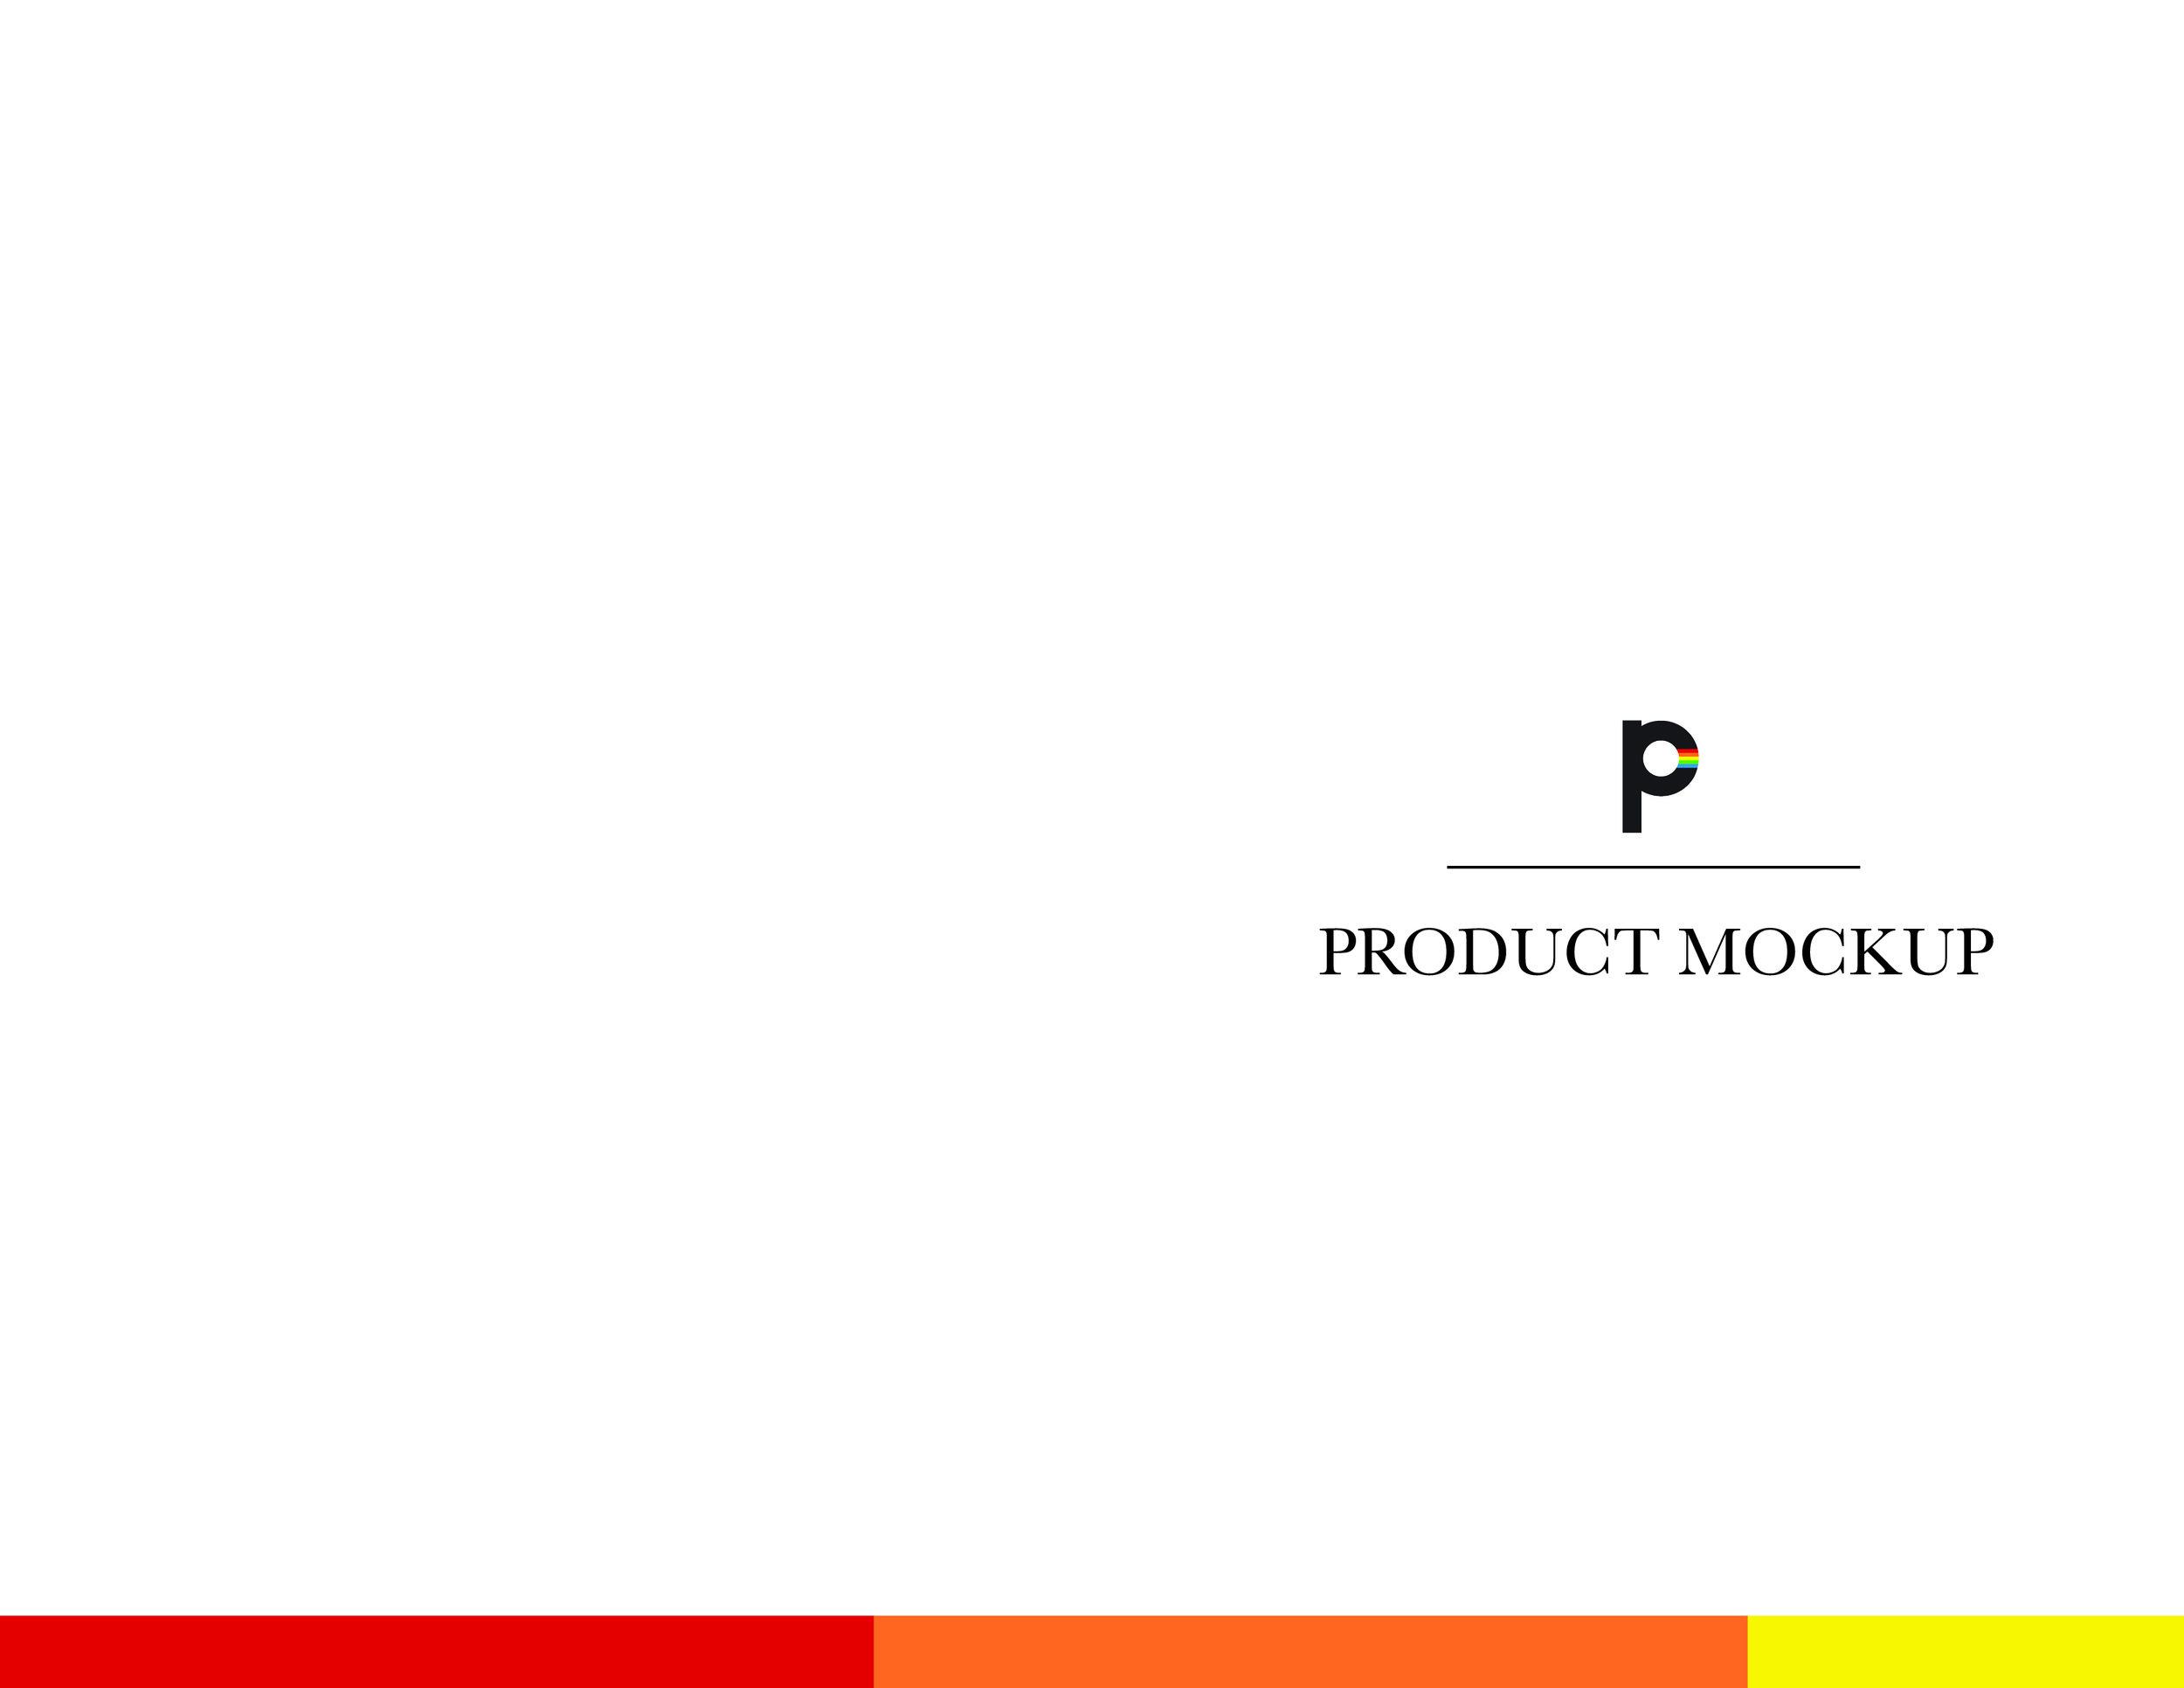 Polaroid Brand Guide 112.jpg